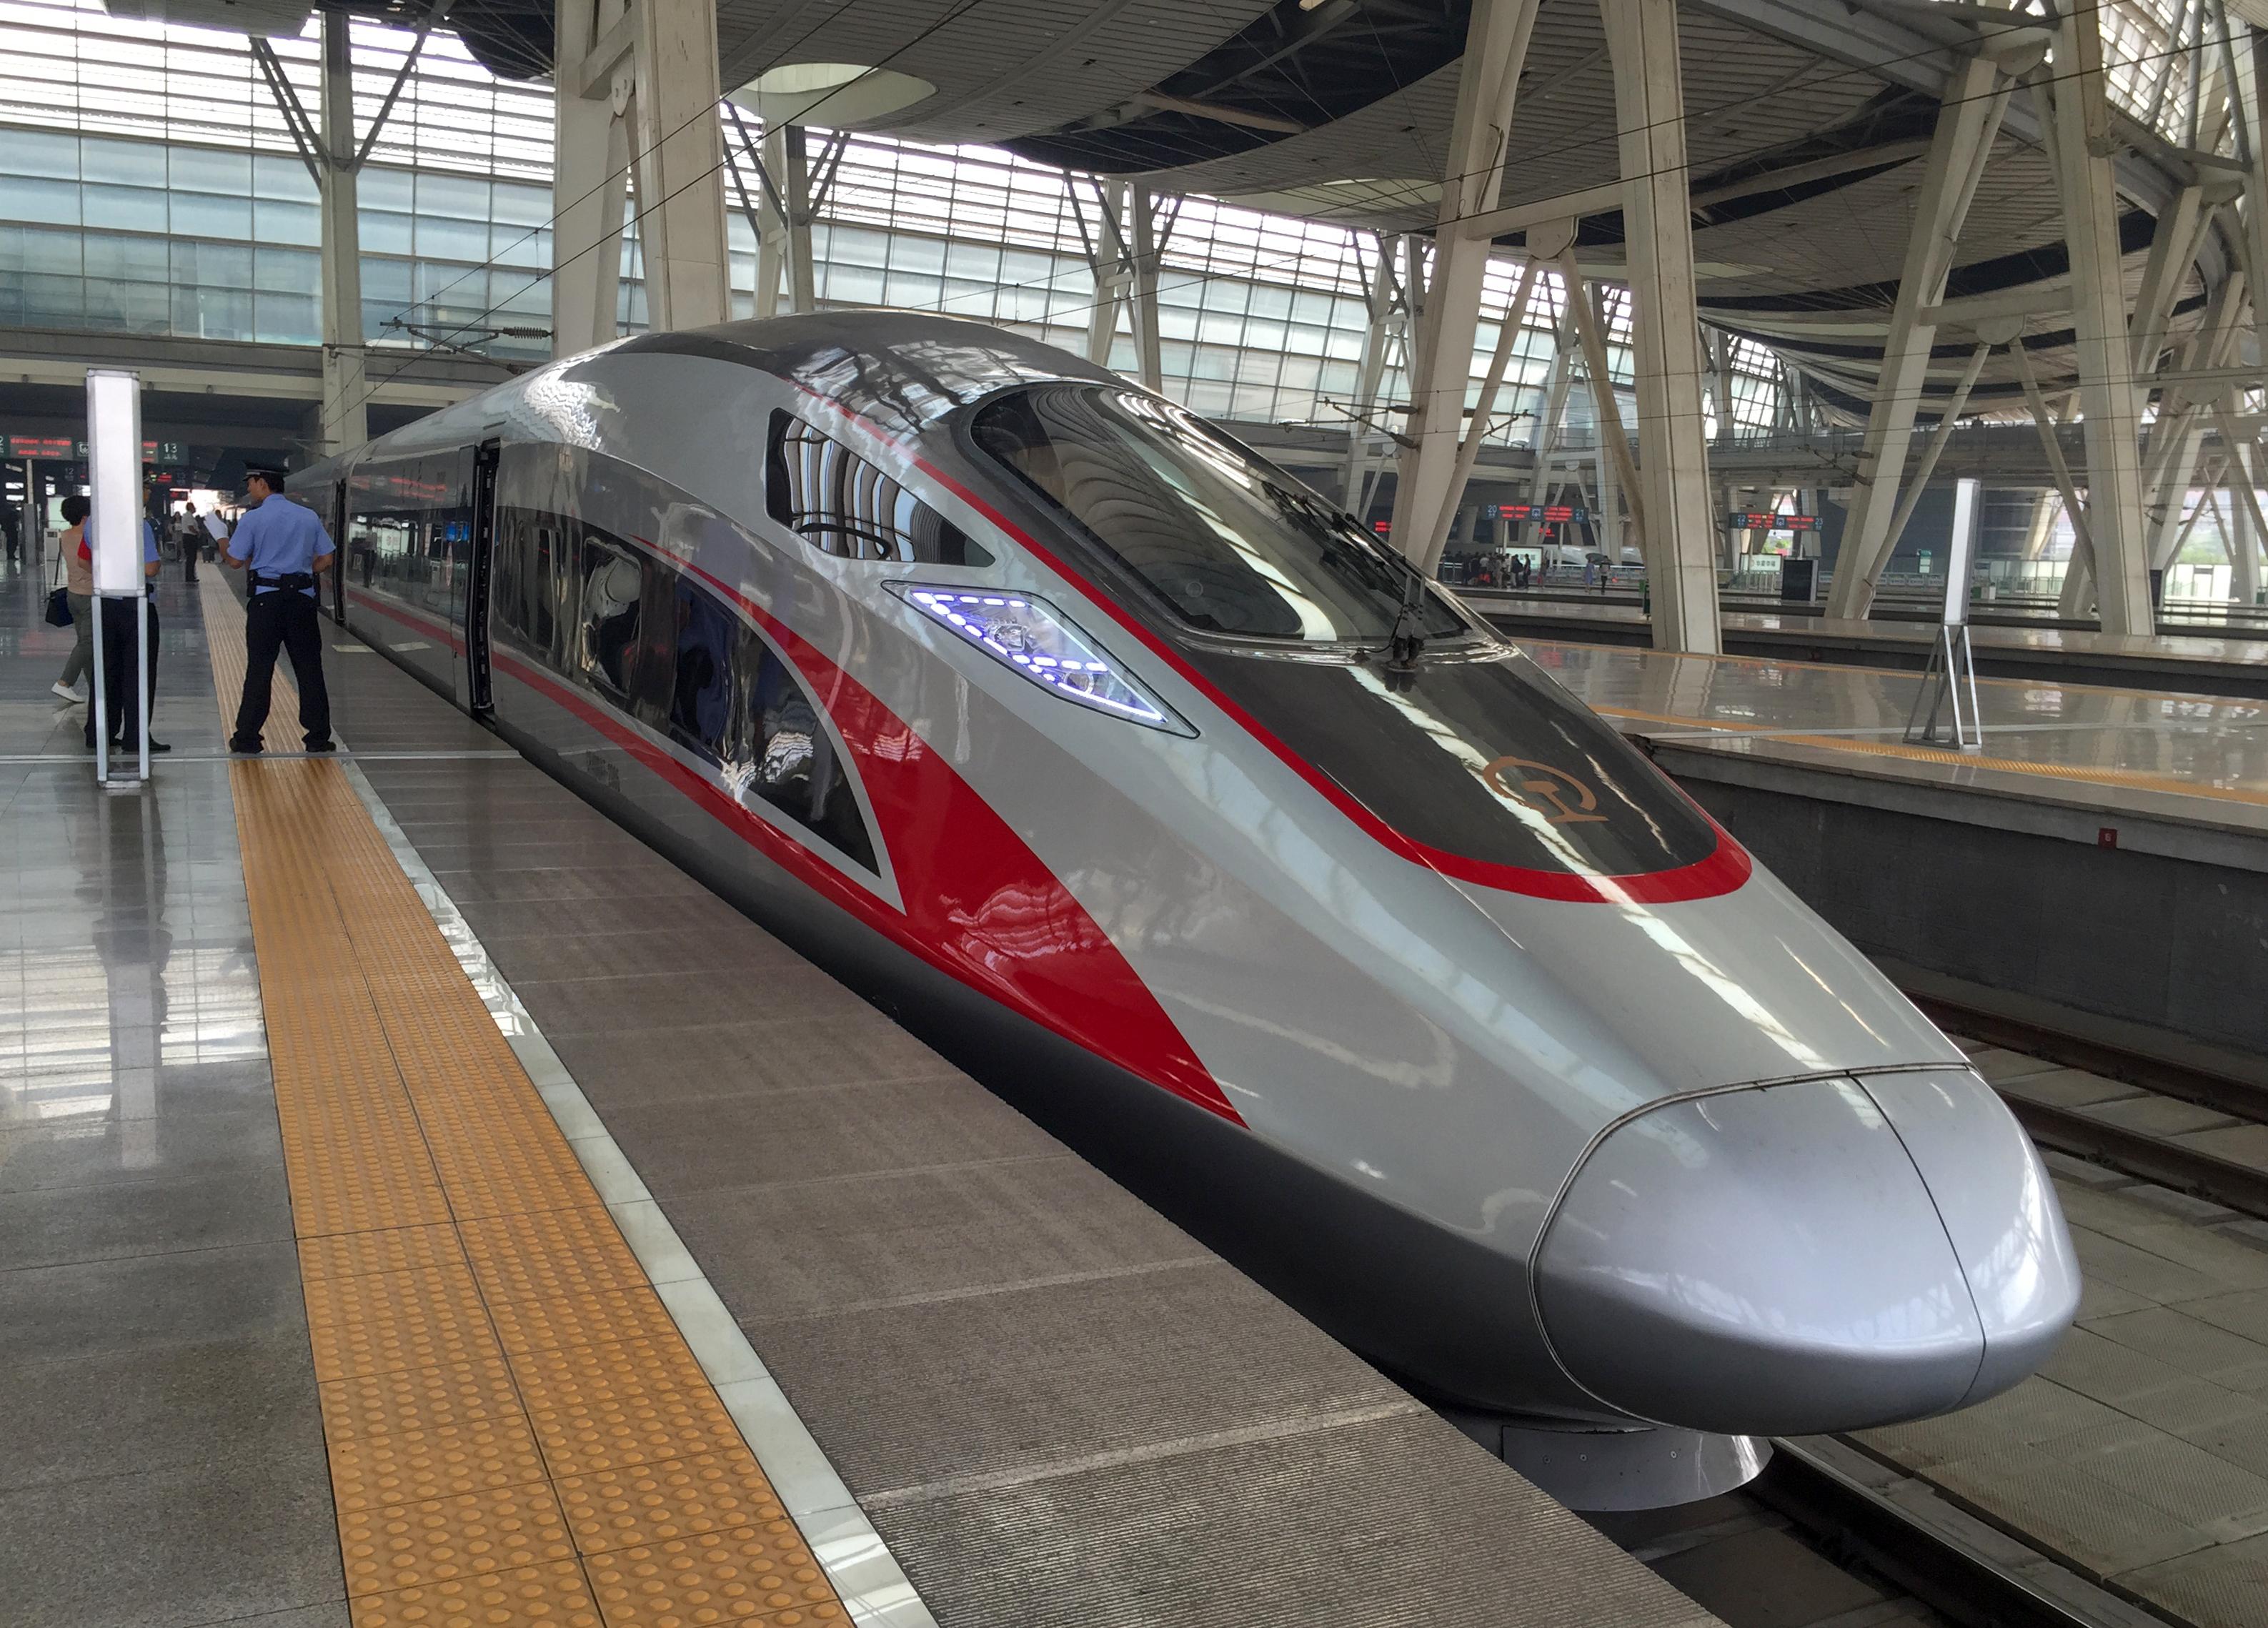 hs2_train.jpg